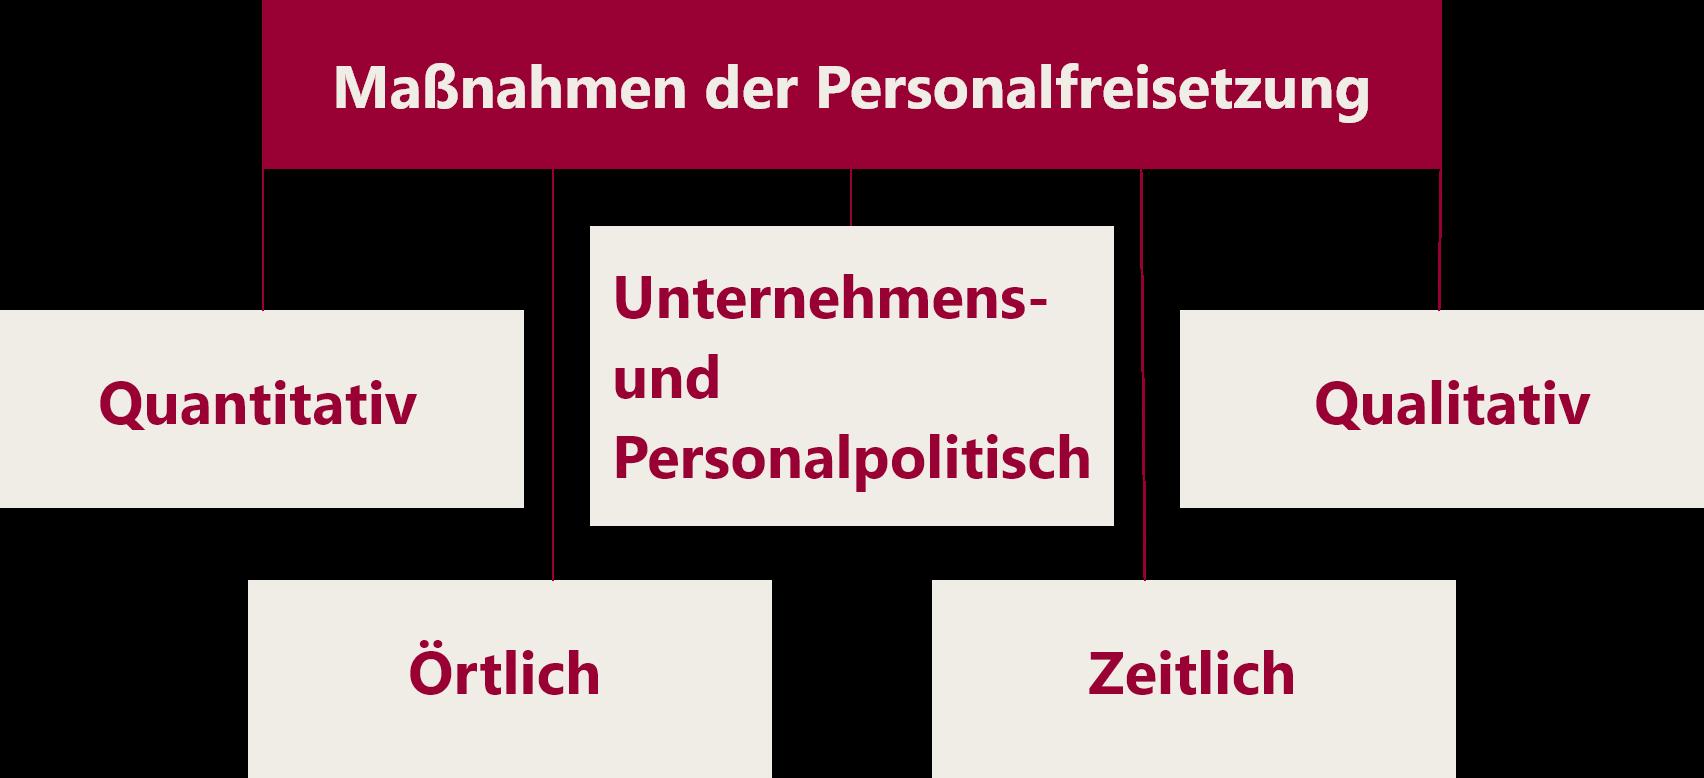 Fünf Kategorien der Personalfreisetzung: quantitativ, qualitativ, örtlich, zeitlich sowie unternehmens- und personalpolitisch.